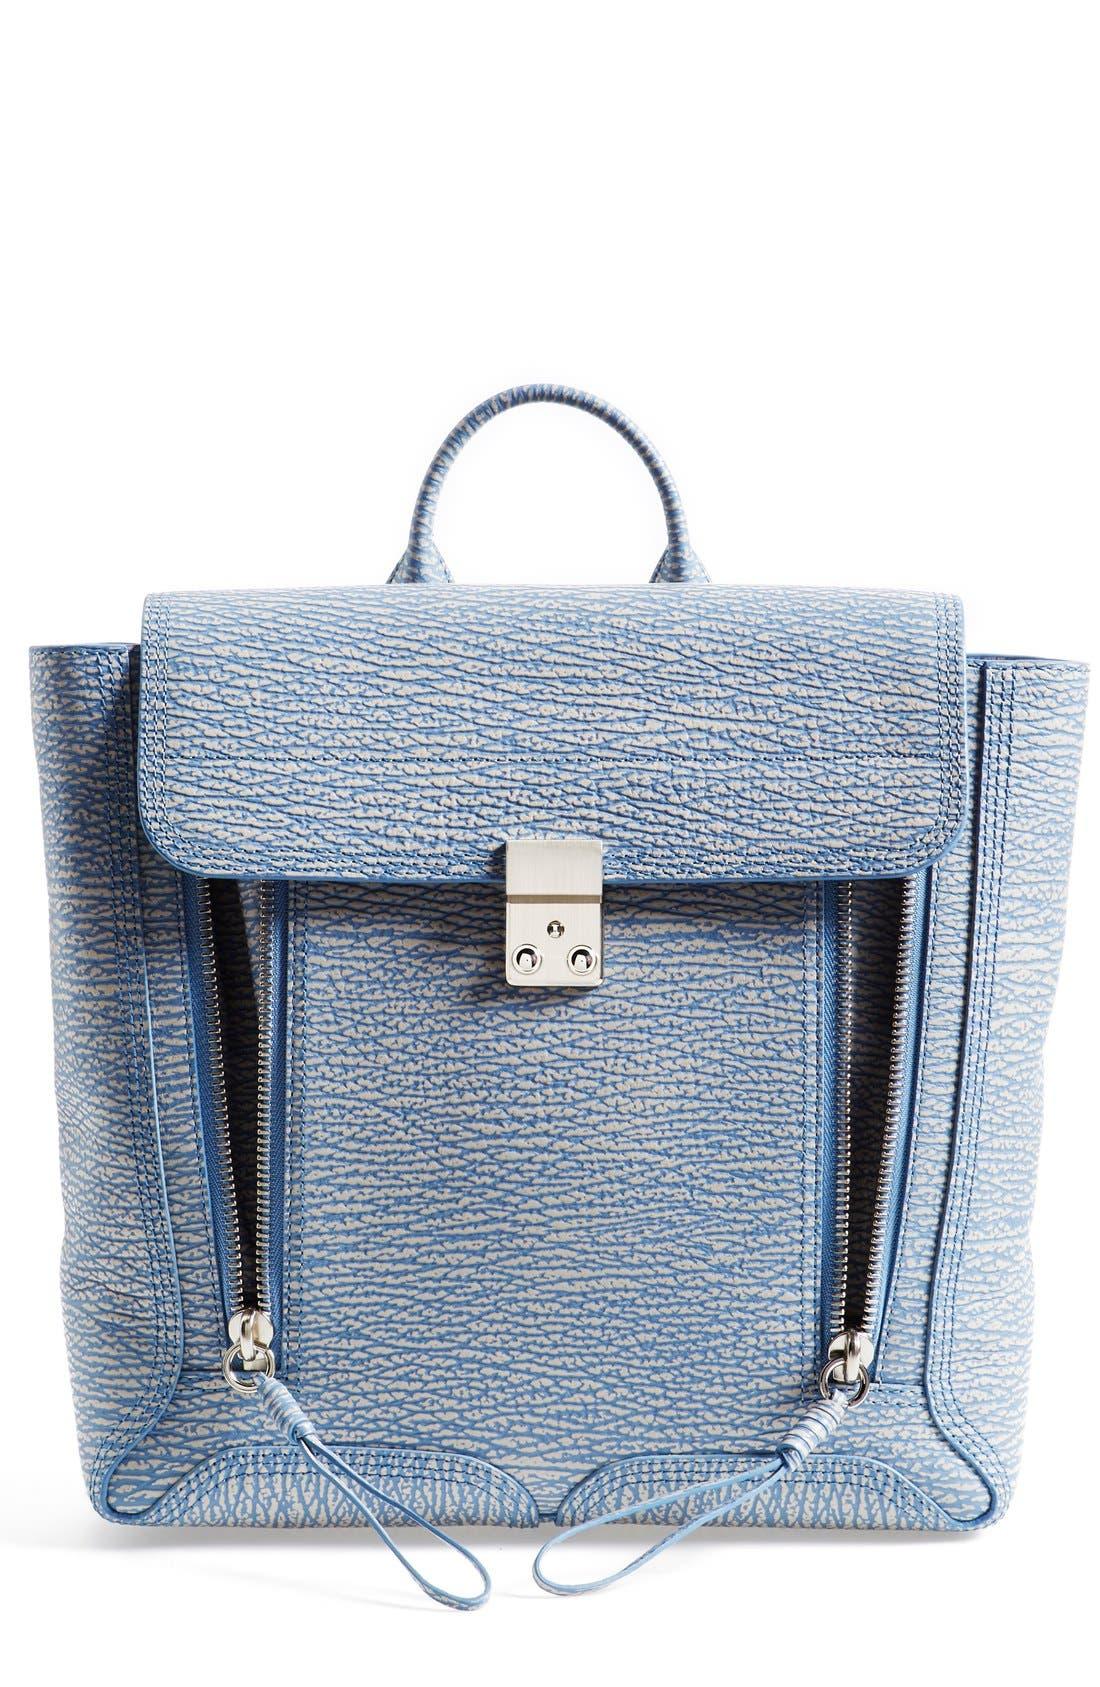 Main Image - 3.1 Phillip Lim 'Pashli' Two-Tone Leather Backpack